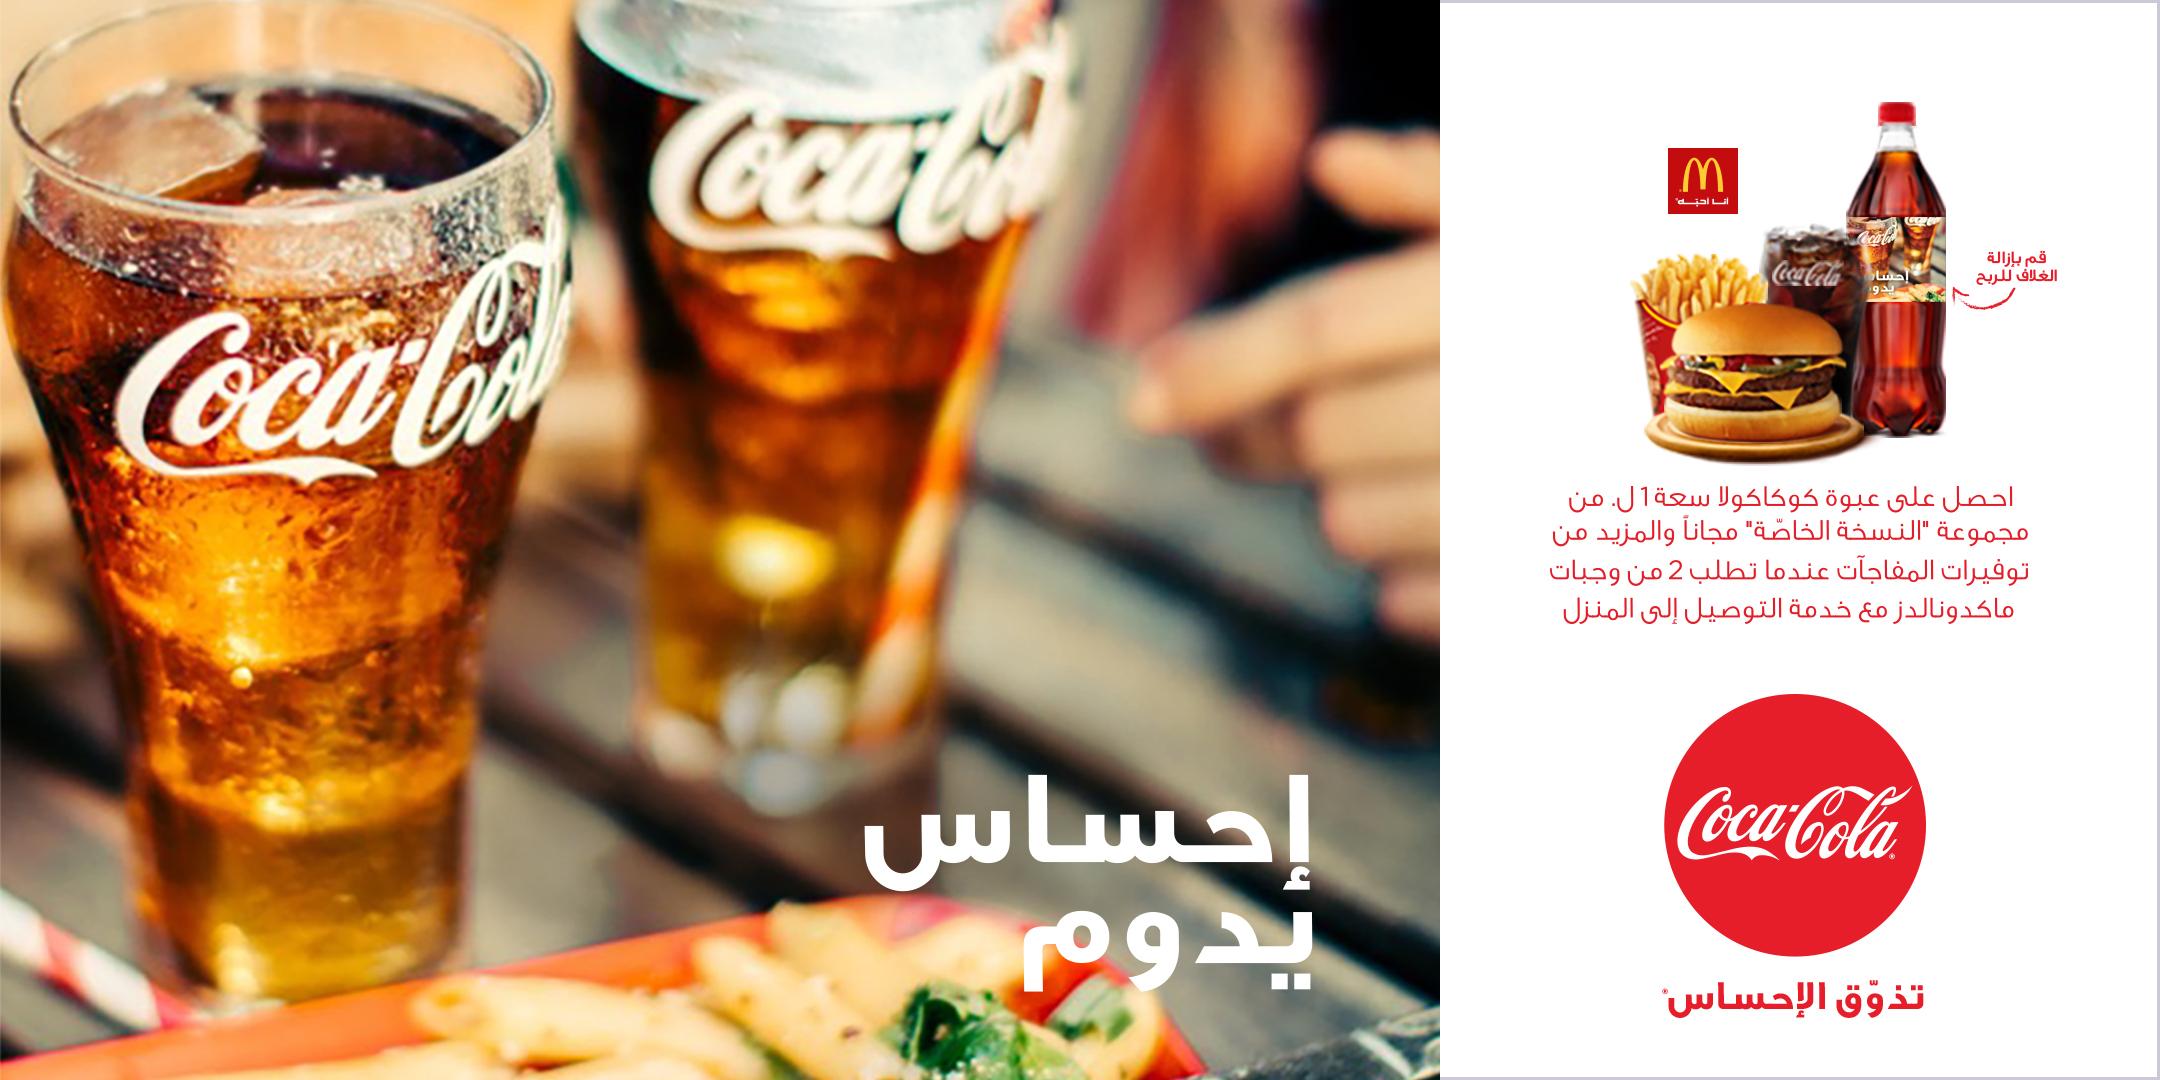 poster_KSA.jpg